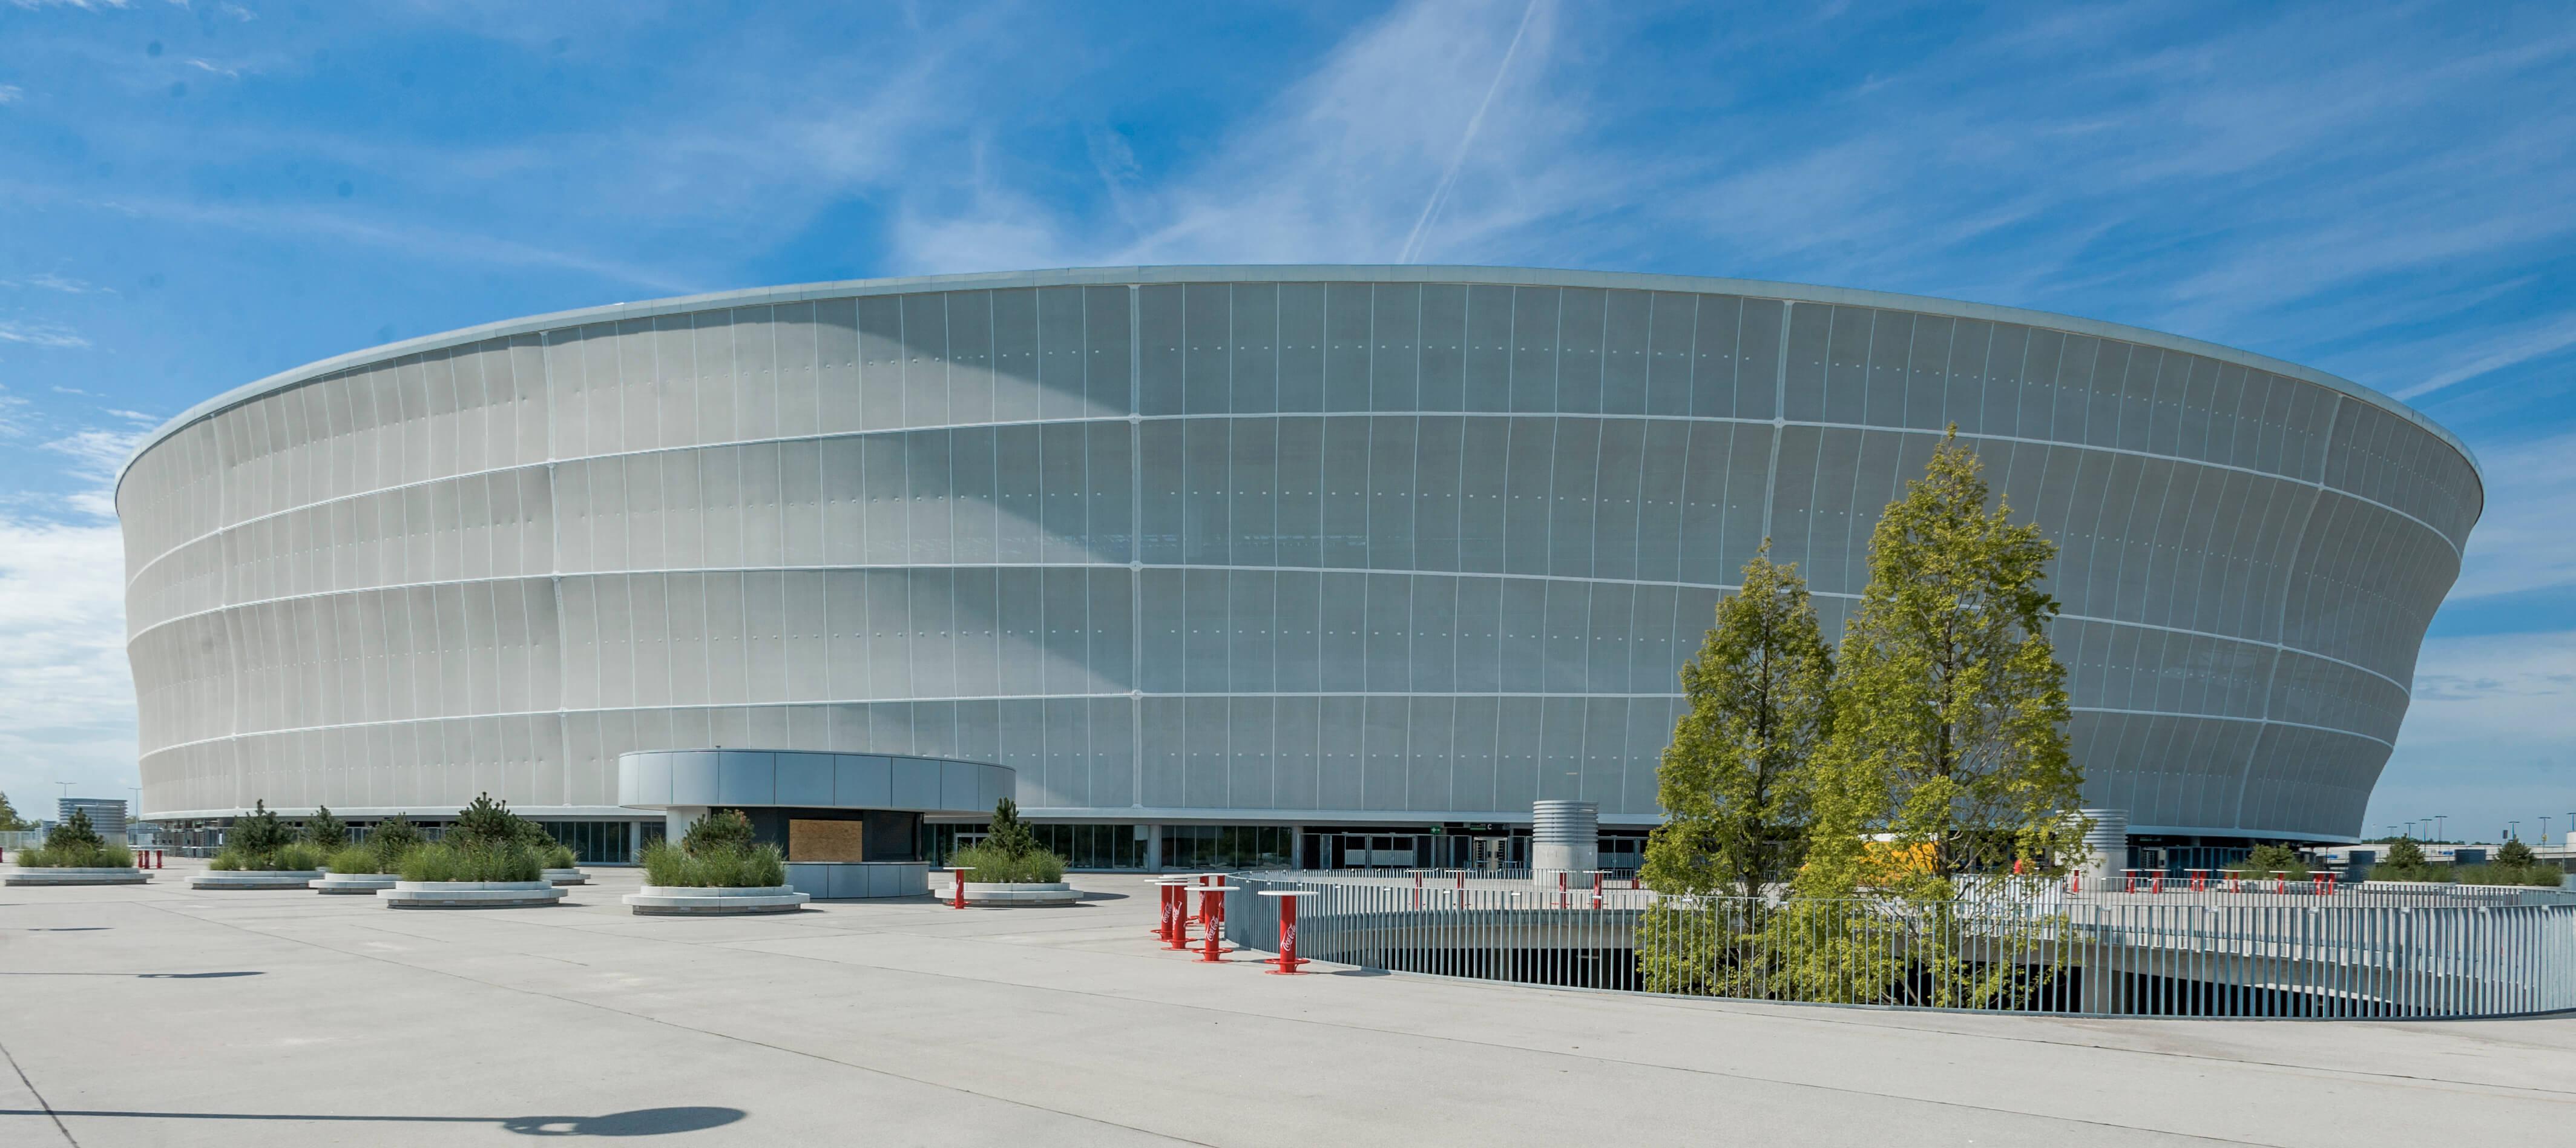 stadion_wrocław_jasny